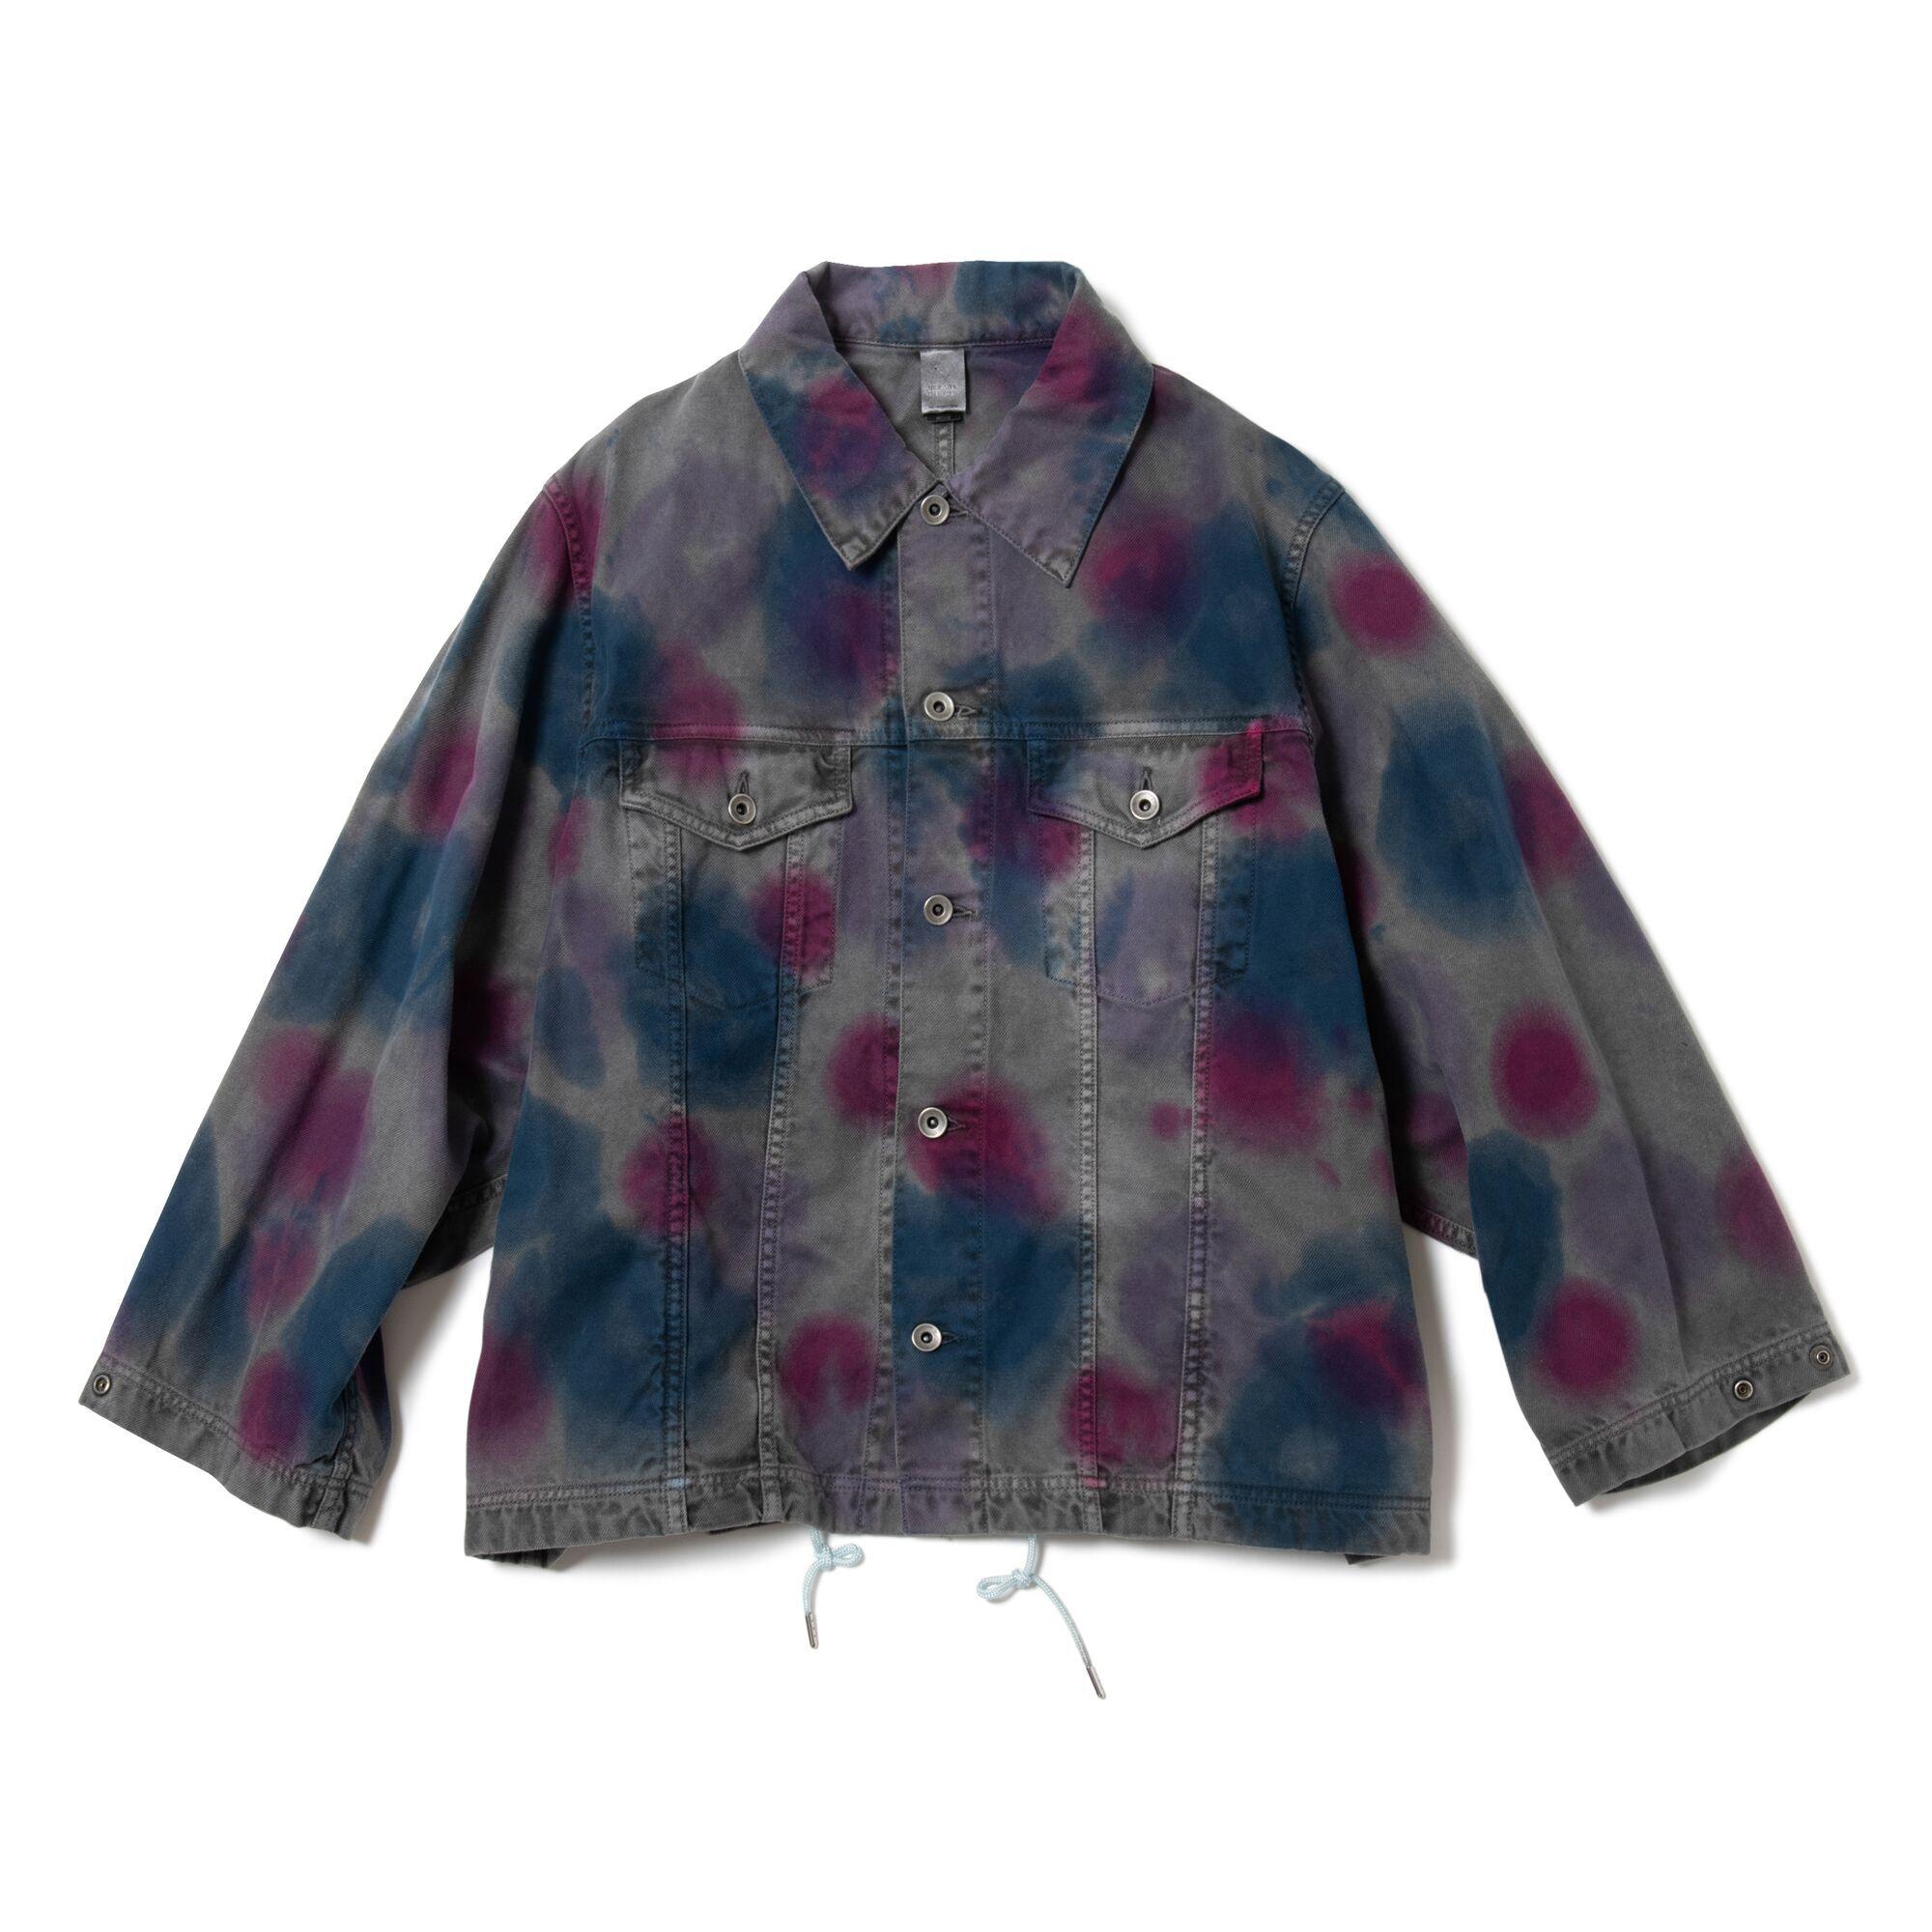 MAGIC STICK Type 3 Kimono Jacket Over Dyed ver, TIE DYE